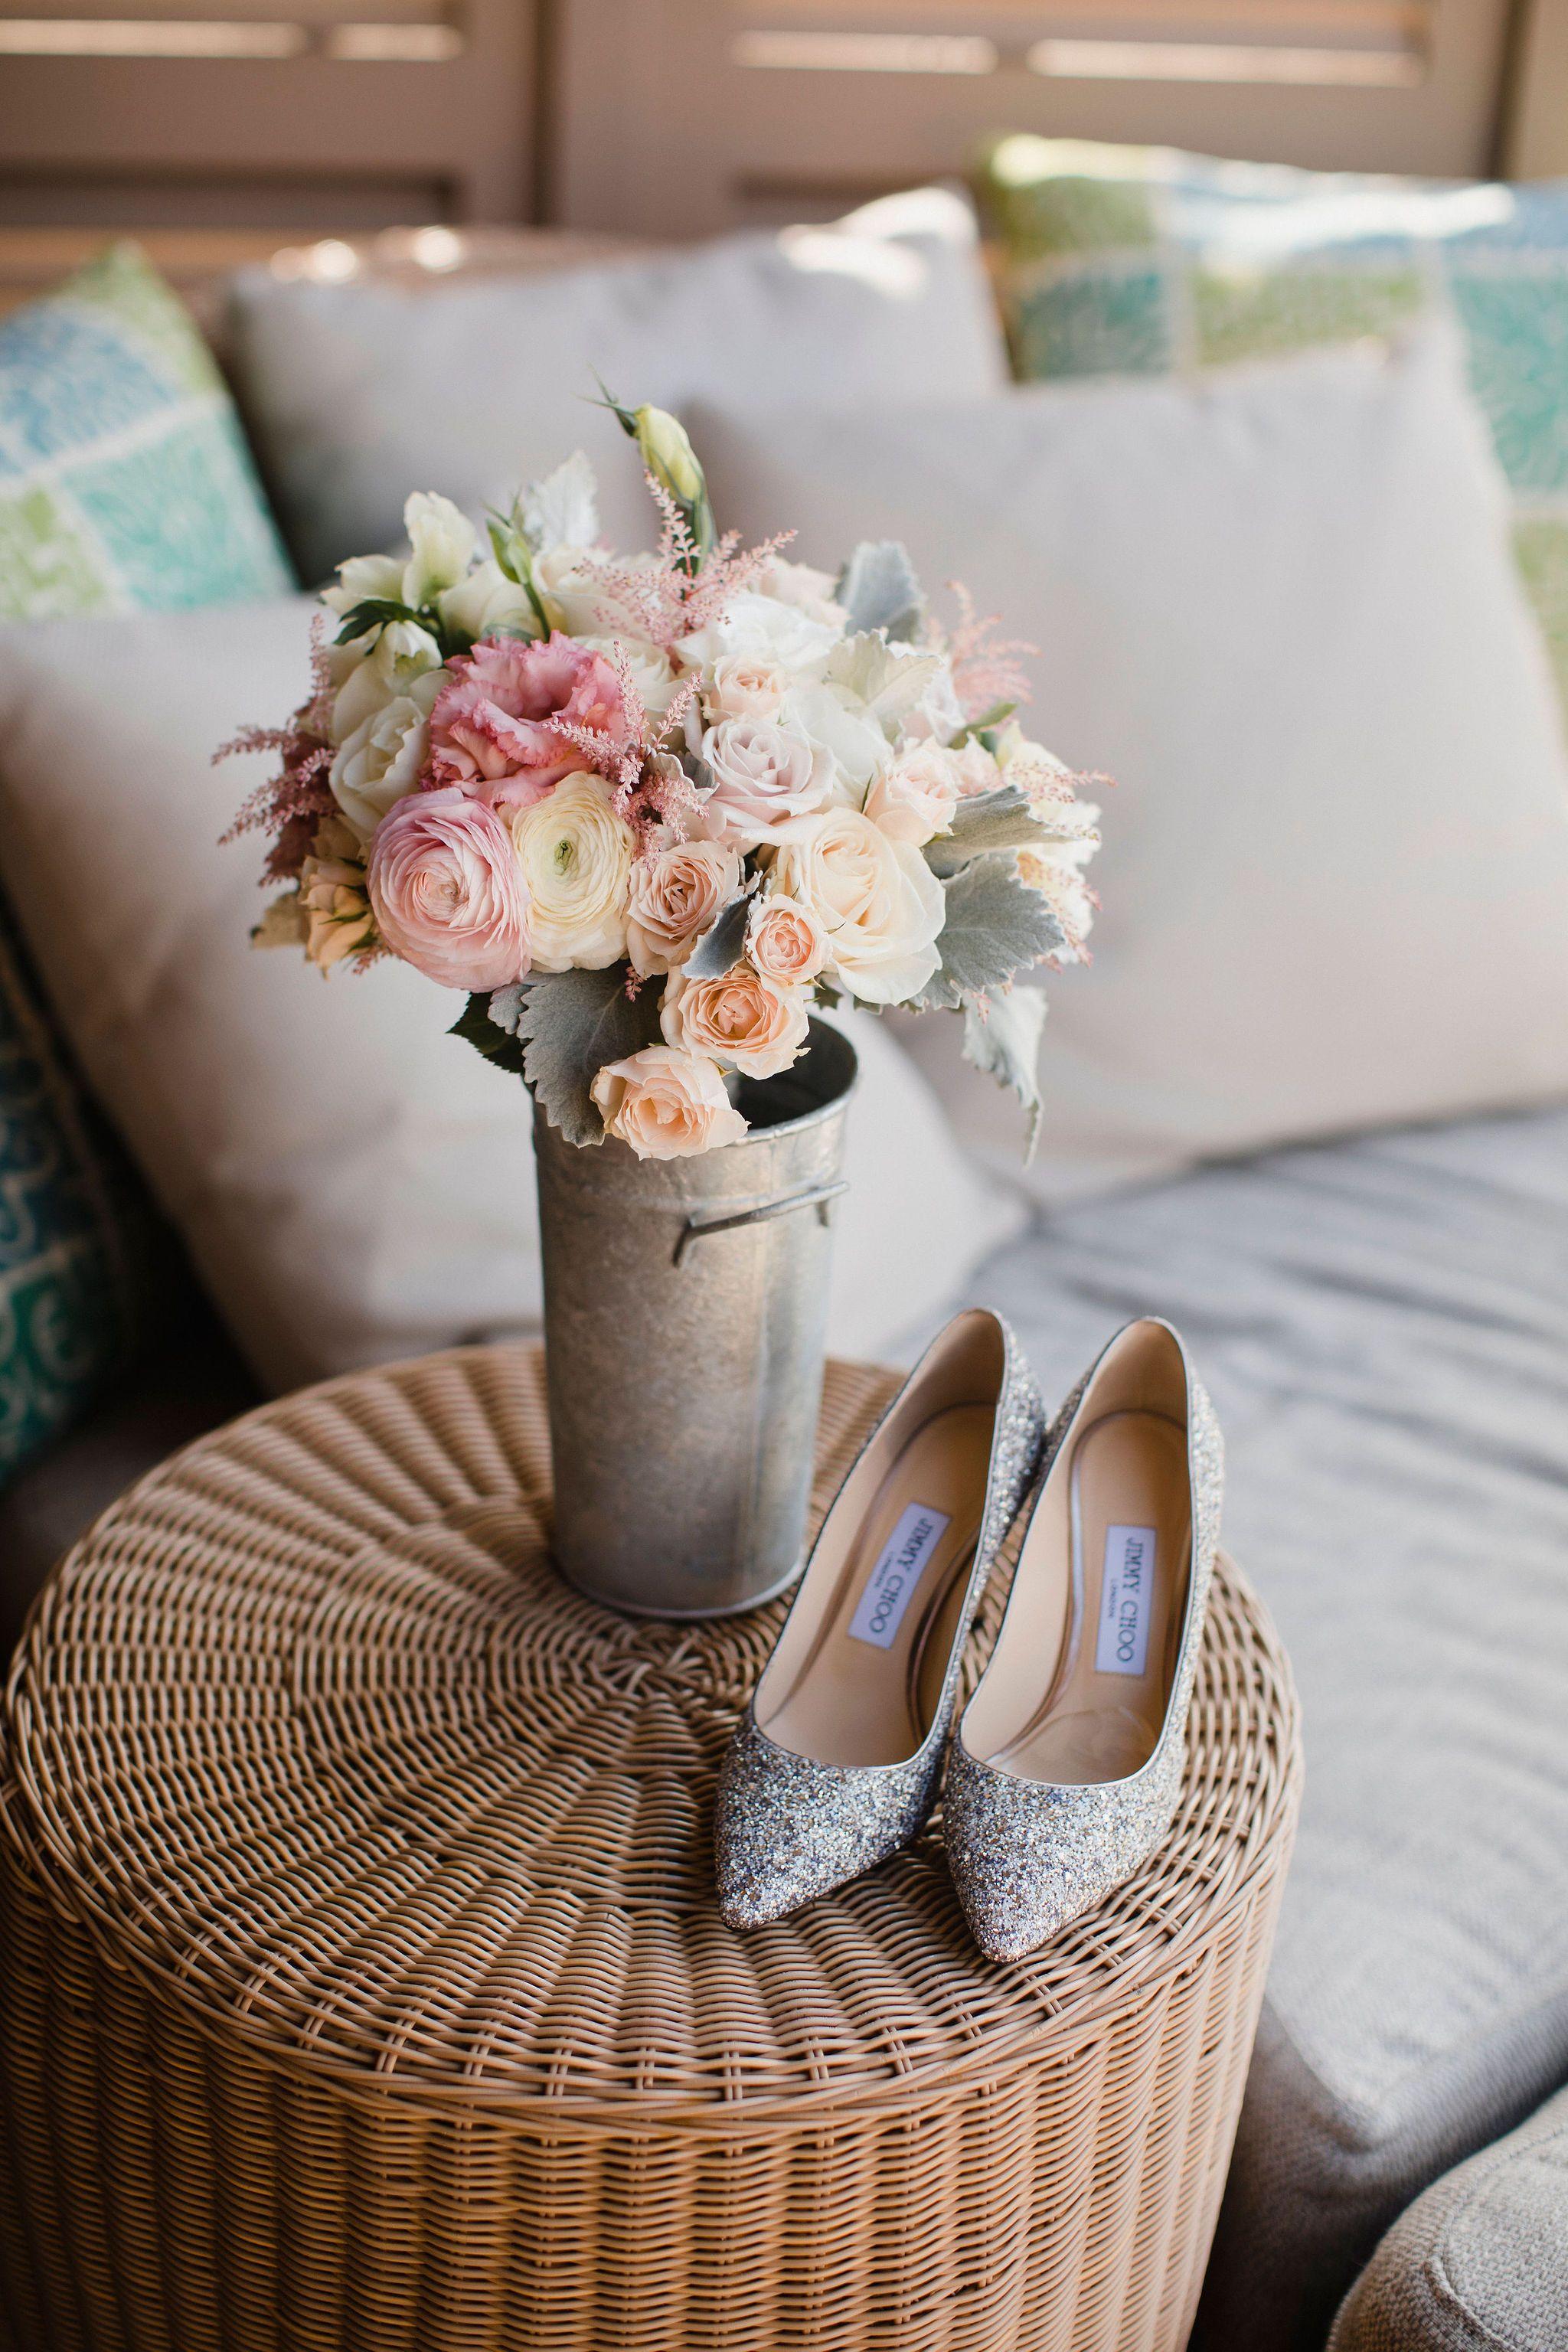 Fsrh Wedding Bouquet By Flowers By Heidi In 2020 Wedding Bouquets Bridal Bouquet Wedding